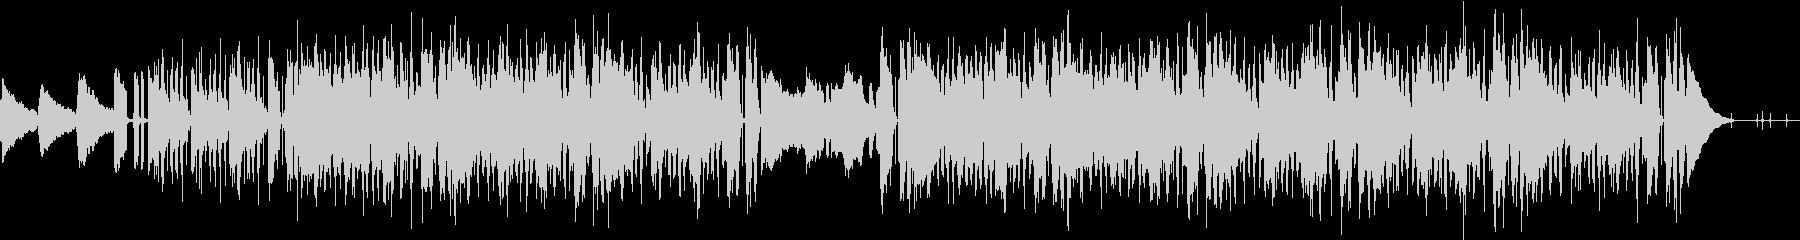 Lofi HIPHOP風のBGMの未再生の波形